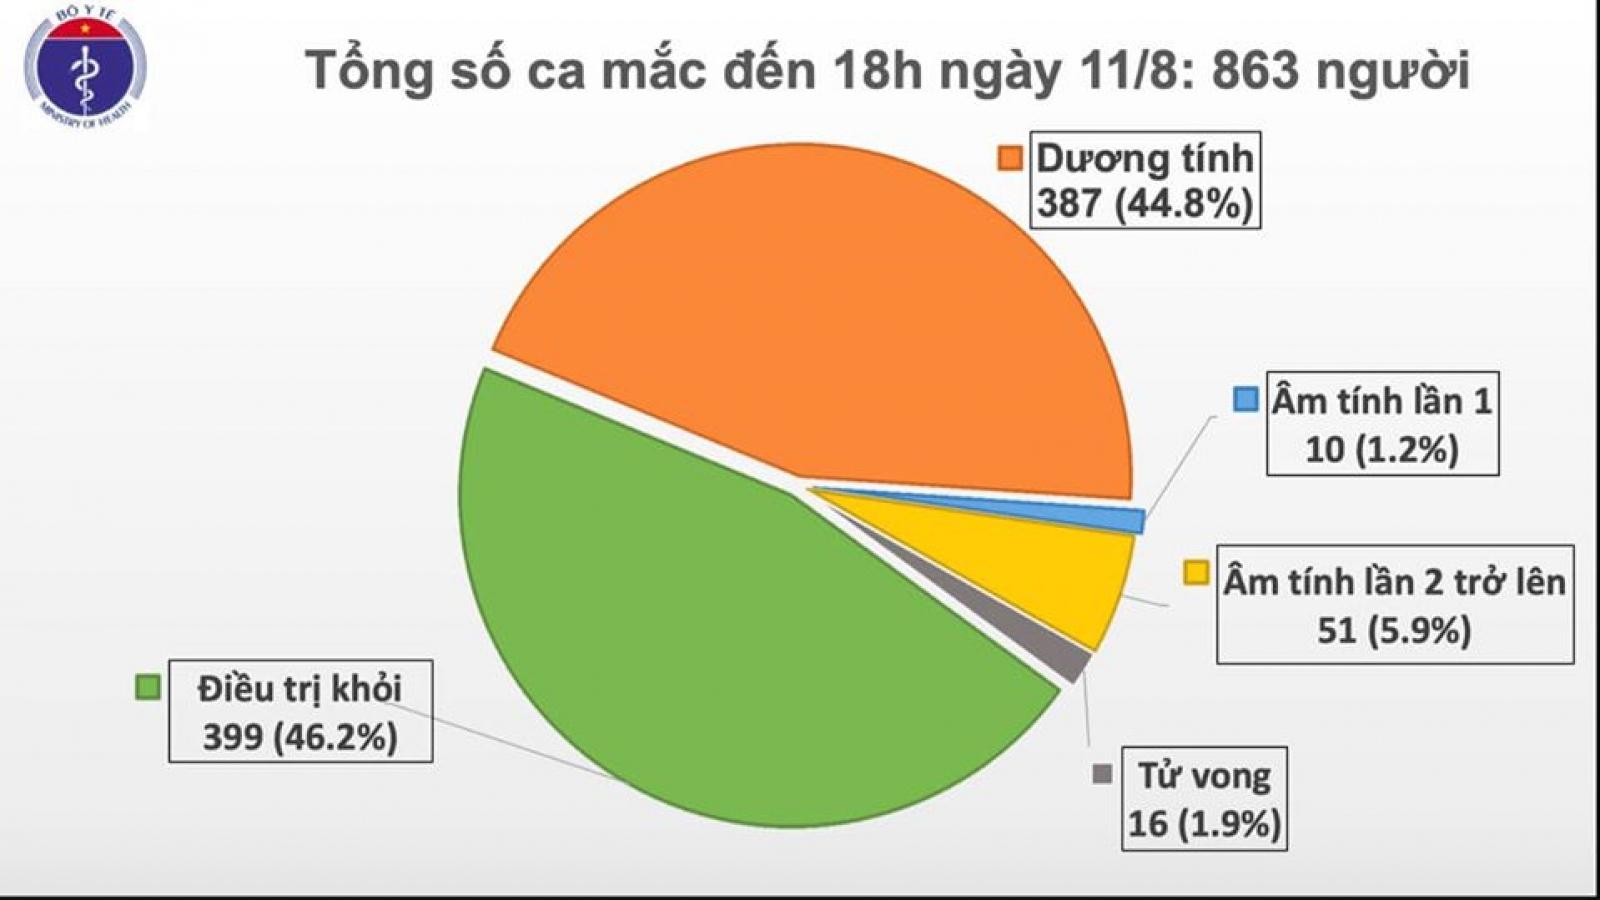 Ca mắc Covid-19 tử vong thứ 16 là bệnh nhân 832 ở Quảng Trị